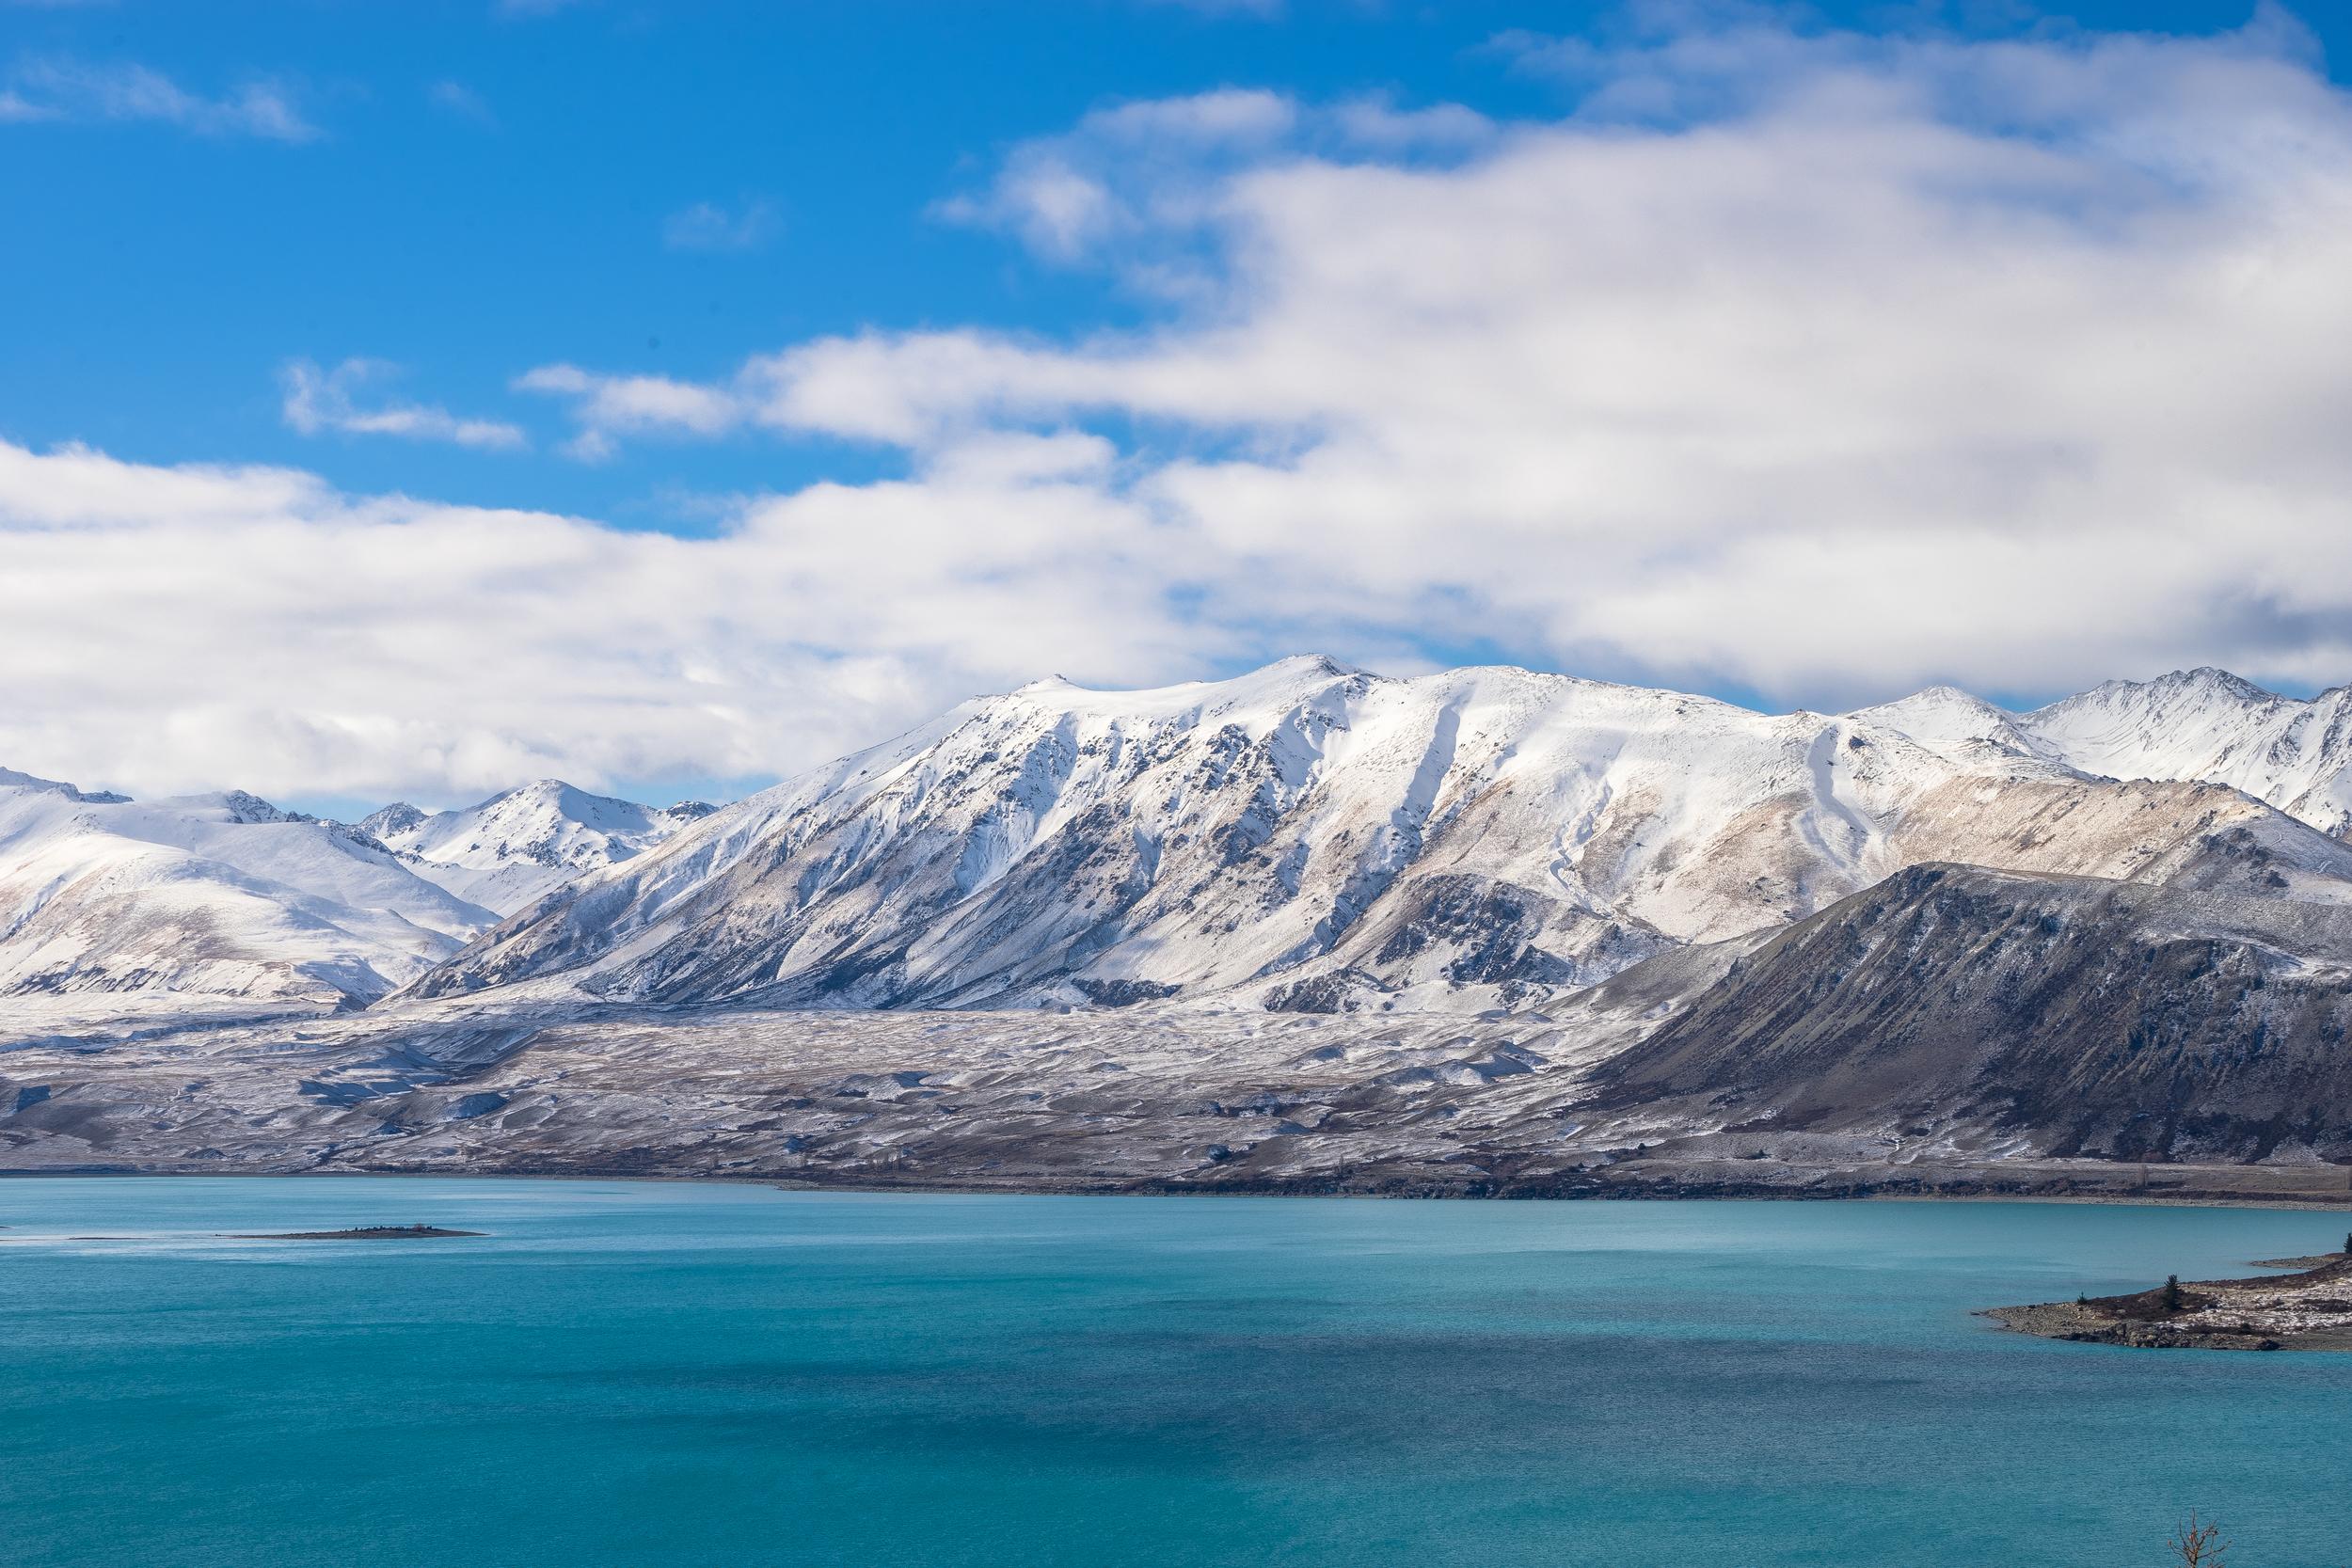 Snowy mountains surround Lake Tekapo